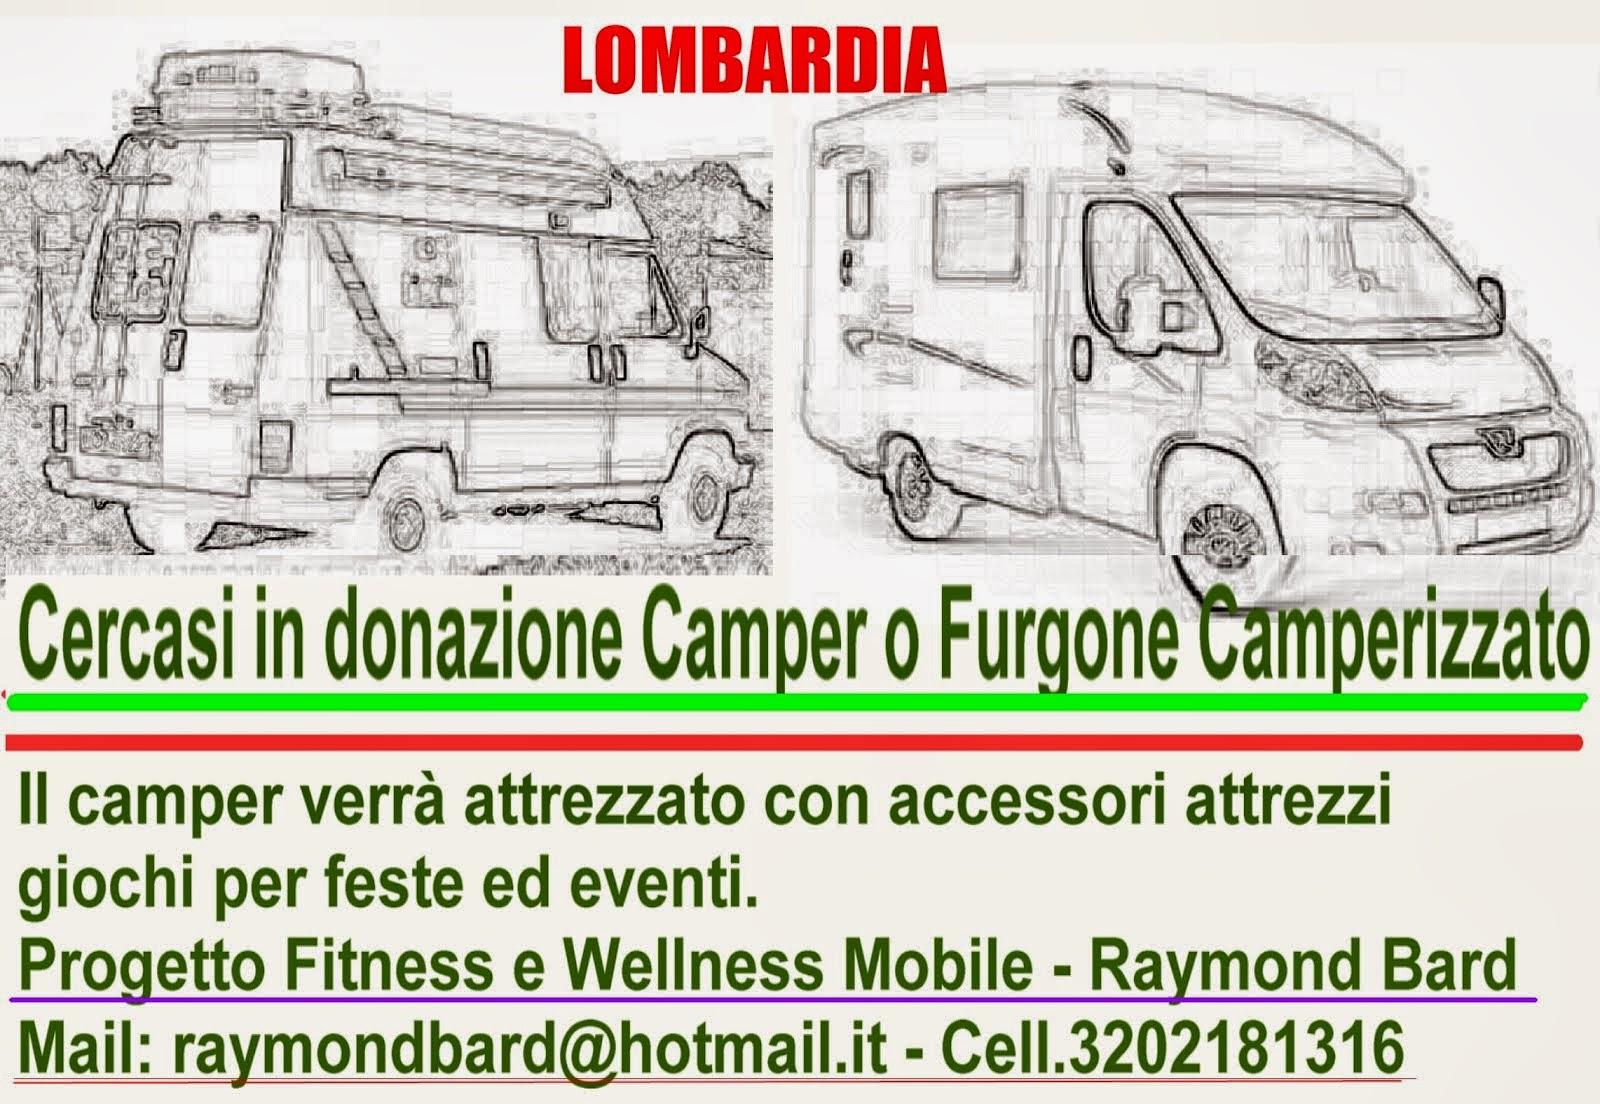 Cerco Camper in donazione o in comodato d'uso